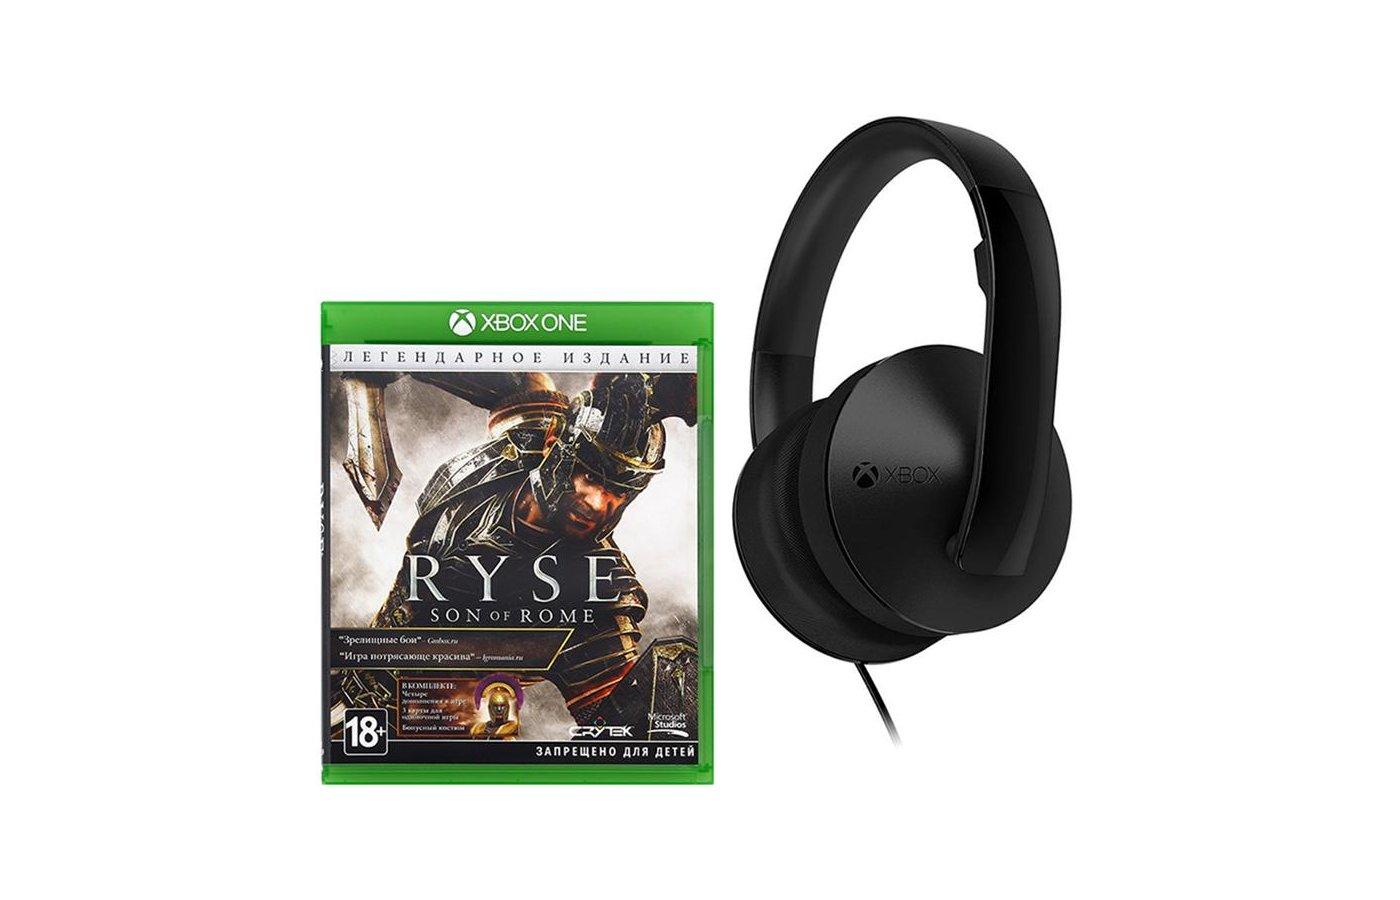 Стерео-гарнитура для Xbox One + игра Ryse Legendary